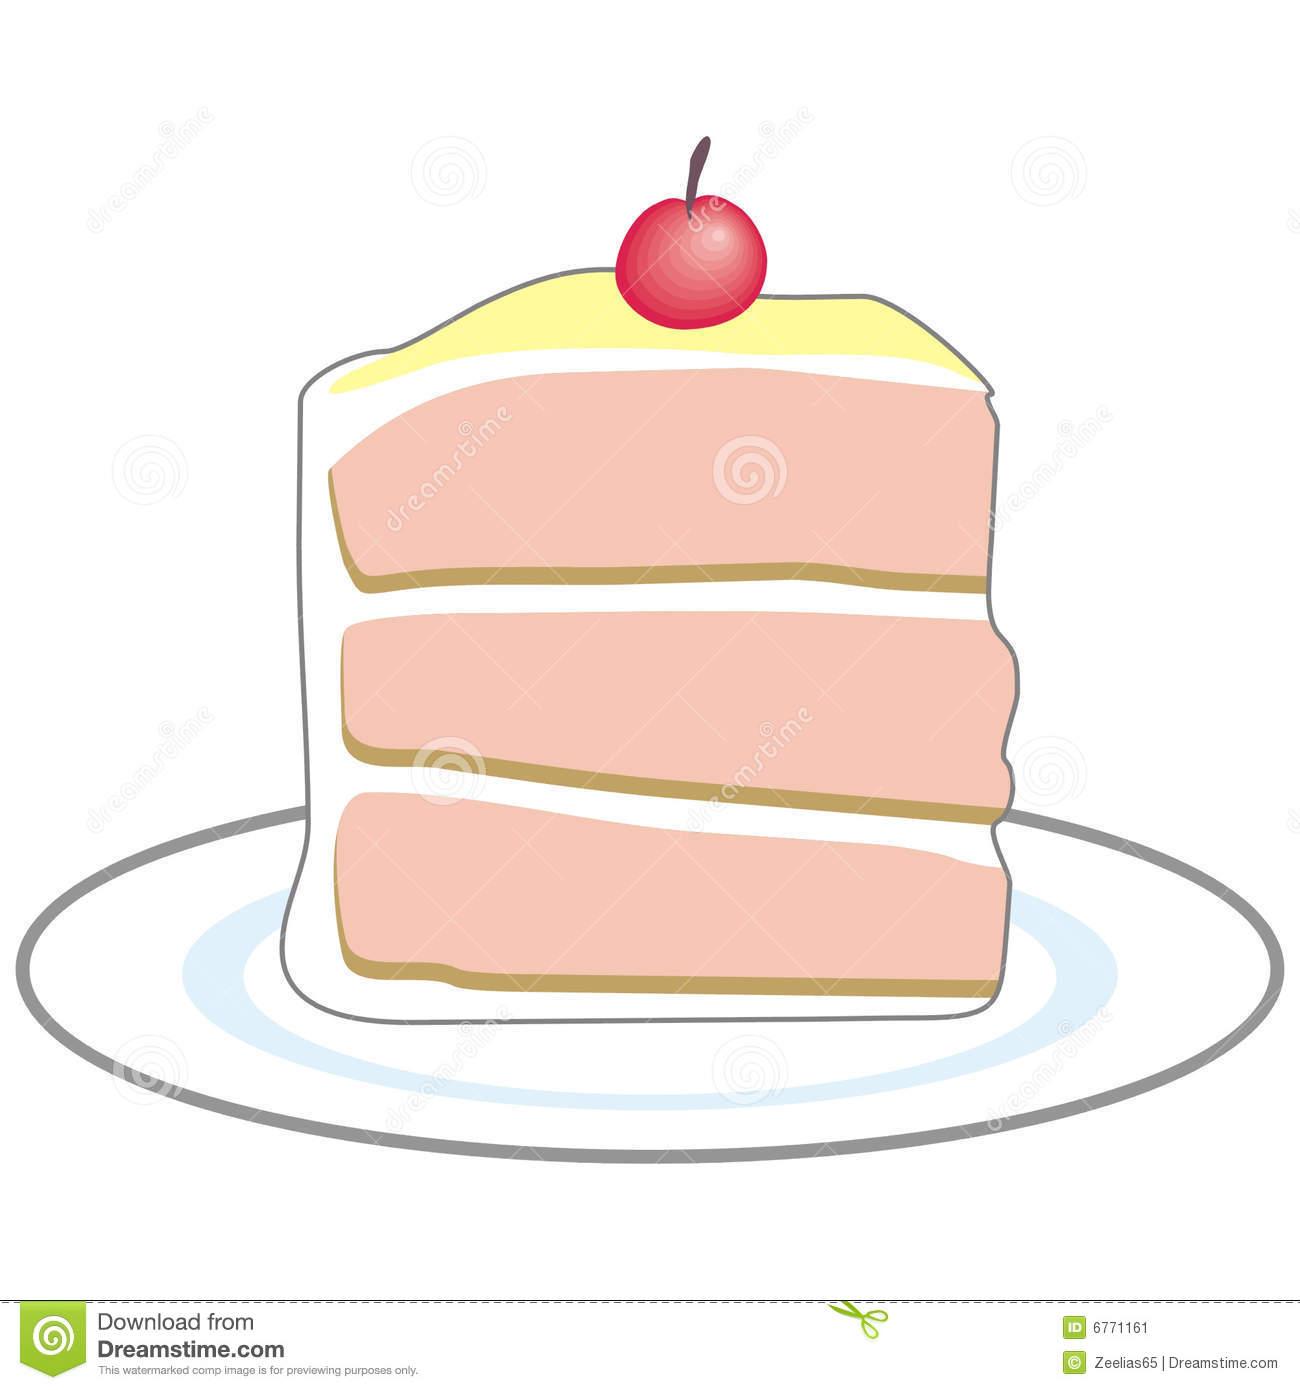 Piece Of Cake Clipart Piece Of Cake Clip Art Piece #gx3NLO.